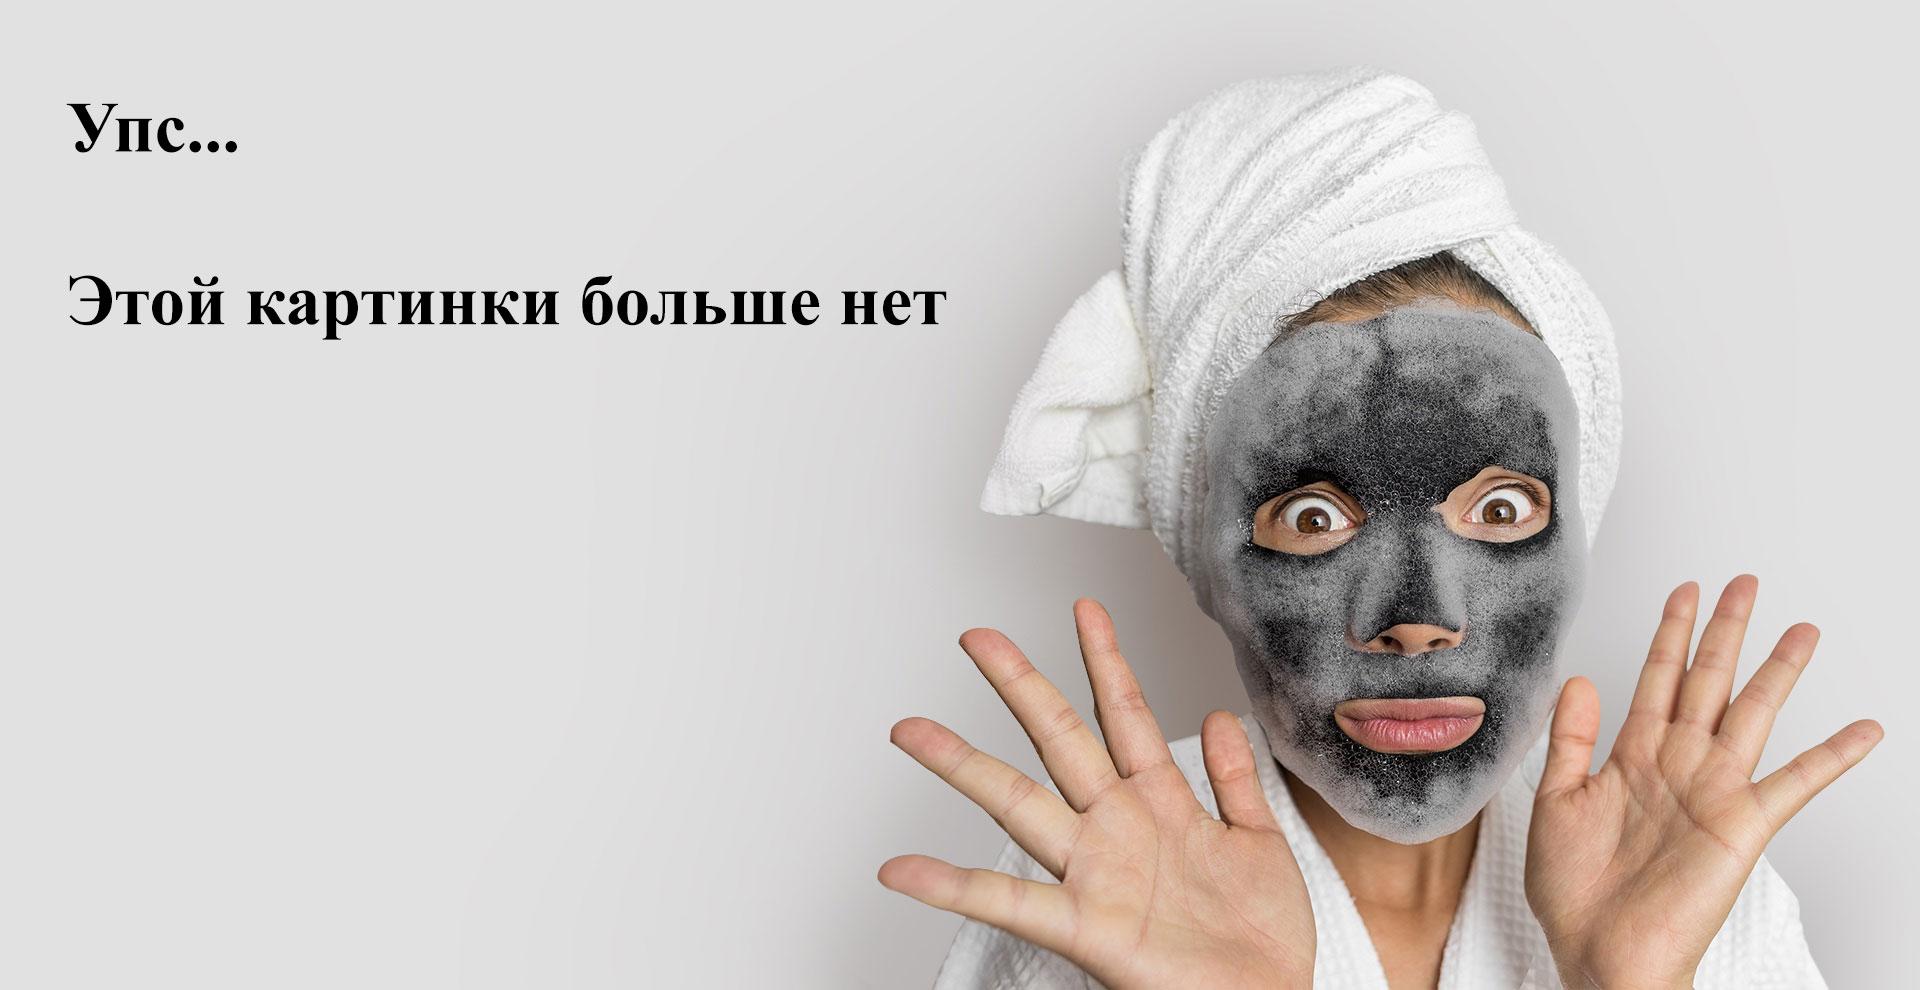 Vivienne Sabo, Тушь с эффектом накладных ресниц Femme Fatale, тон 01